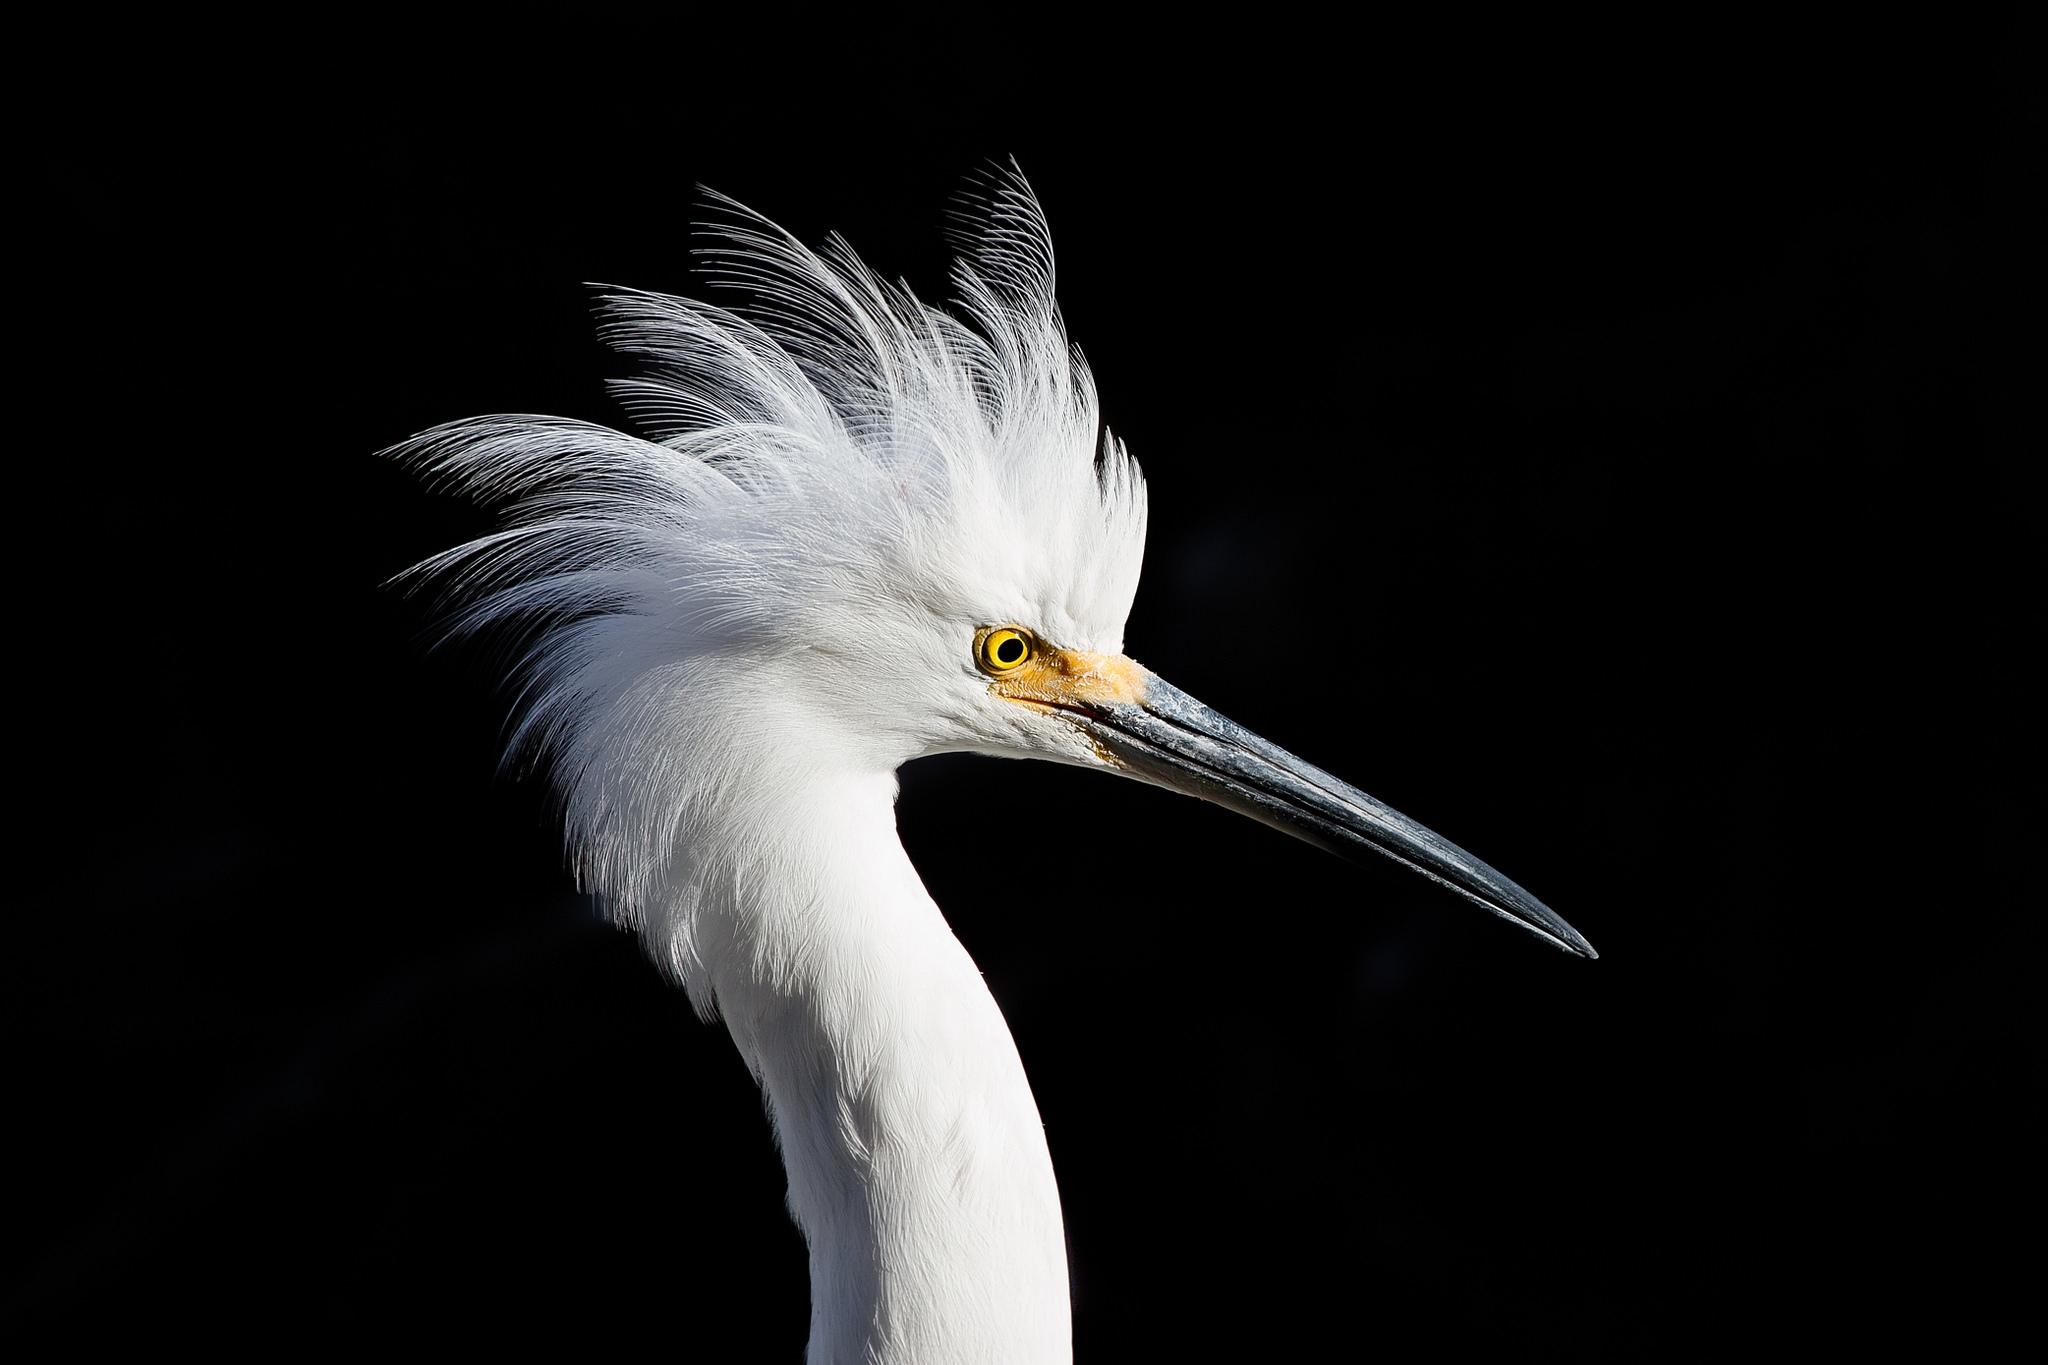 зубы доступной фото птиц на черном фоне гостиную